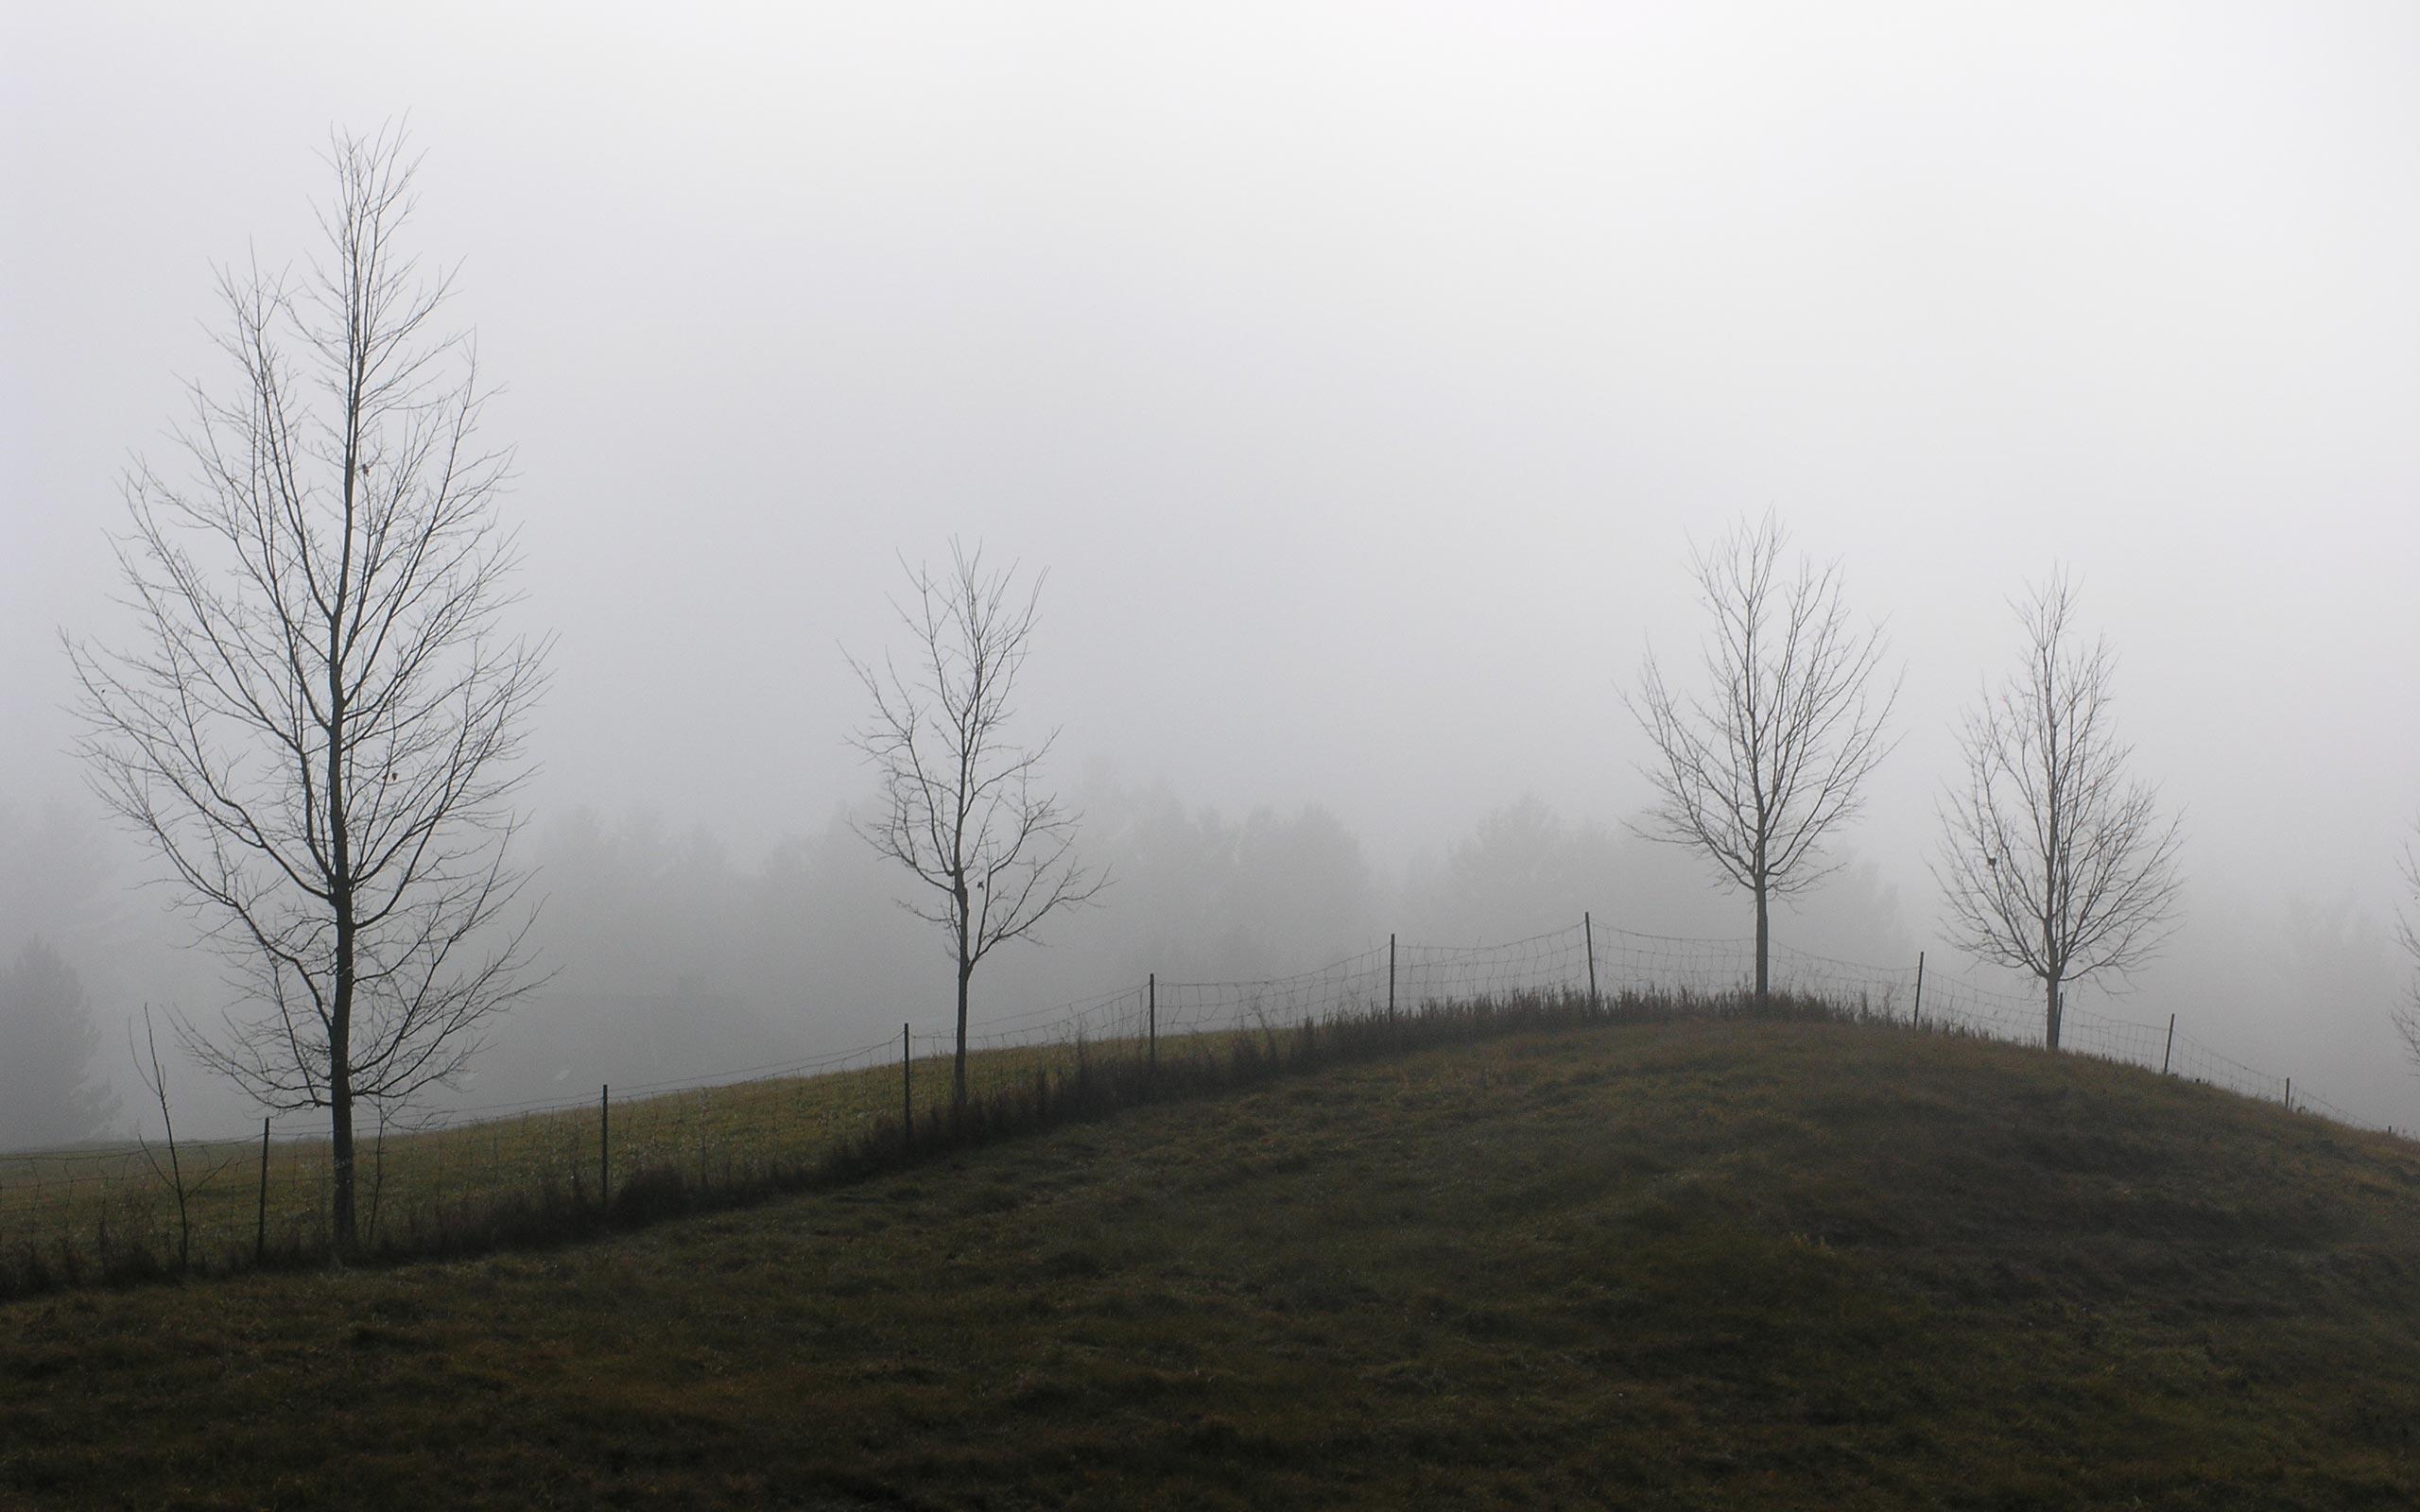 Free Winter 3d Desktop Wallpaper Meadow Wallpaper Foggy Winter Hd Desktop Wallpapers 4k Hd